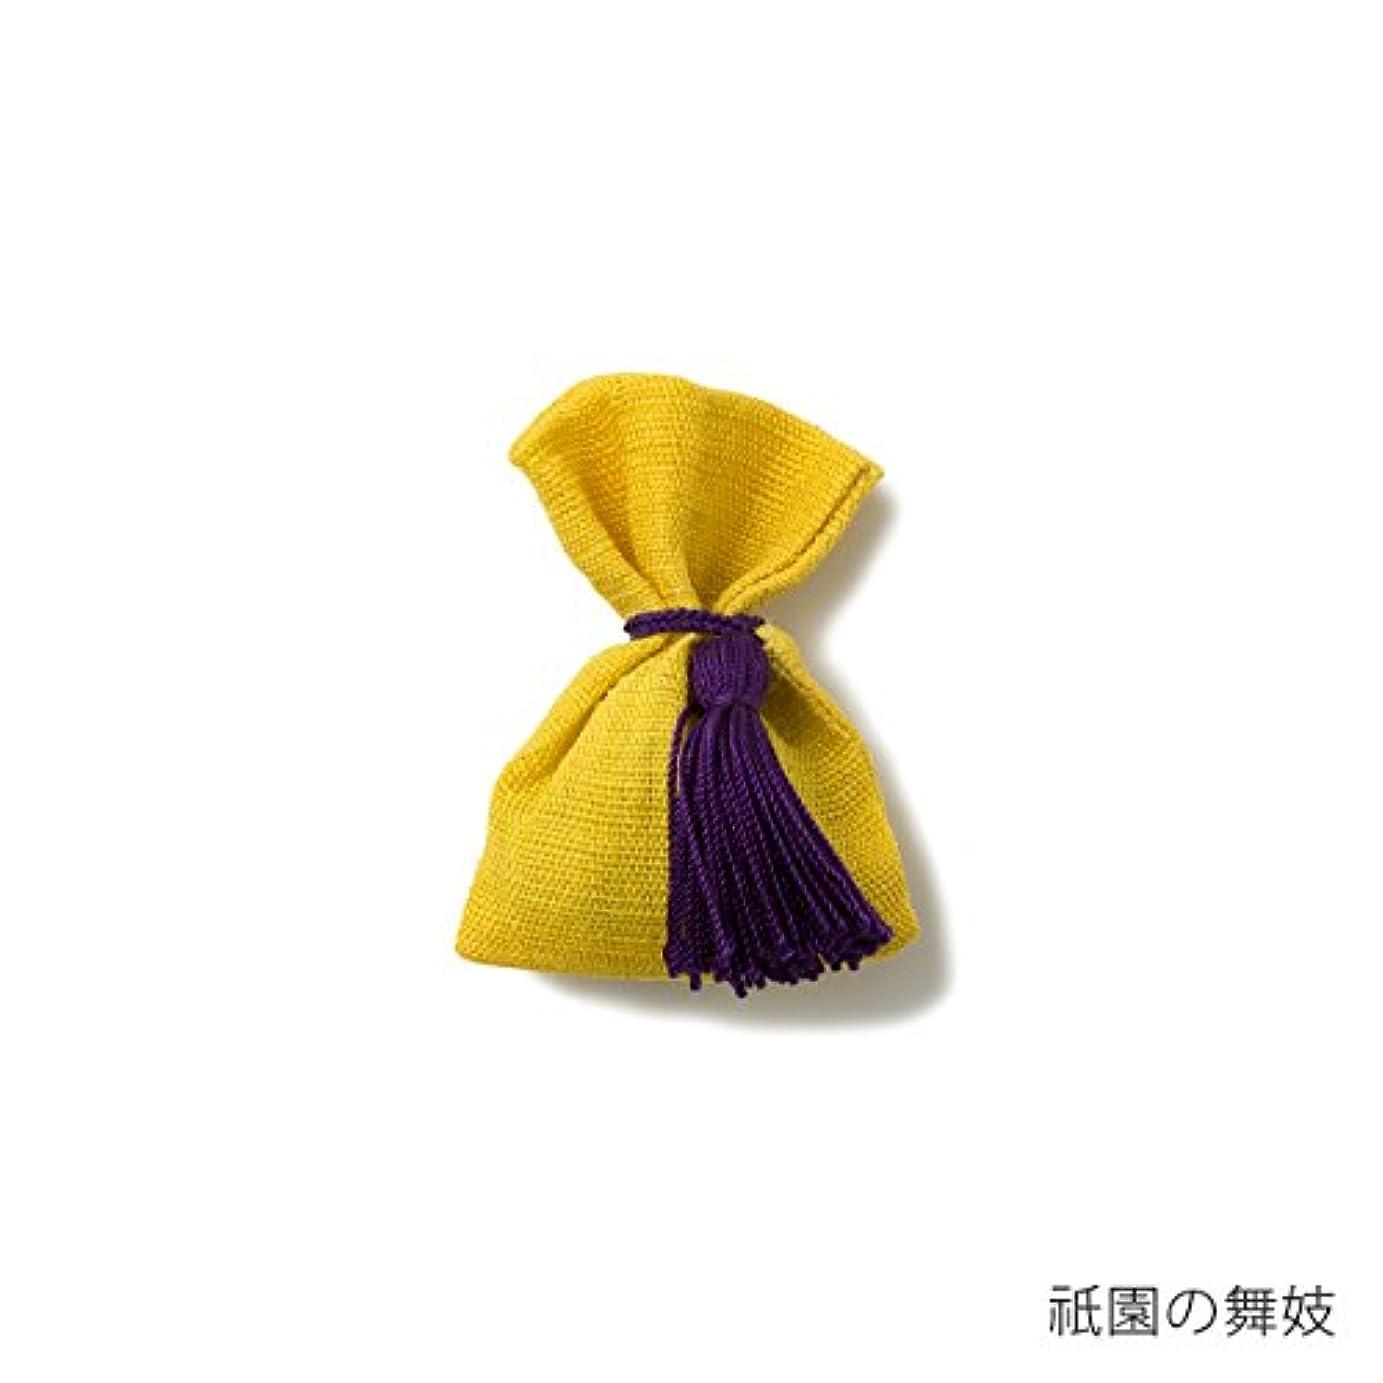 規制する崇拝しますアルミニウム【薫玉堂】 京の香り 香袋 祇園の舞妓